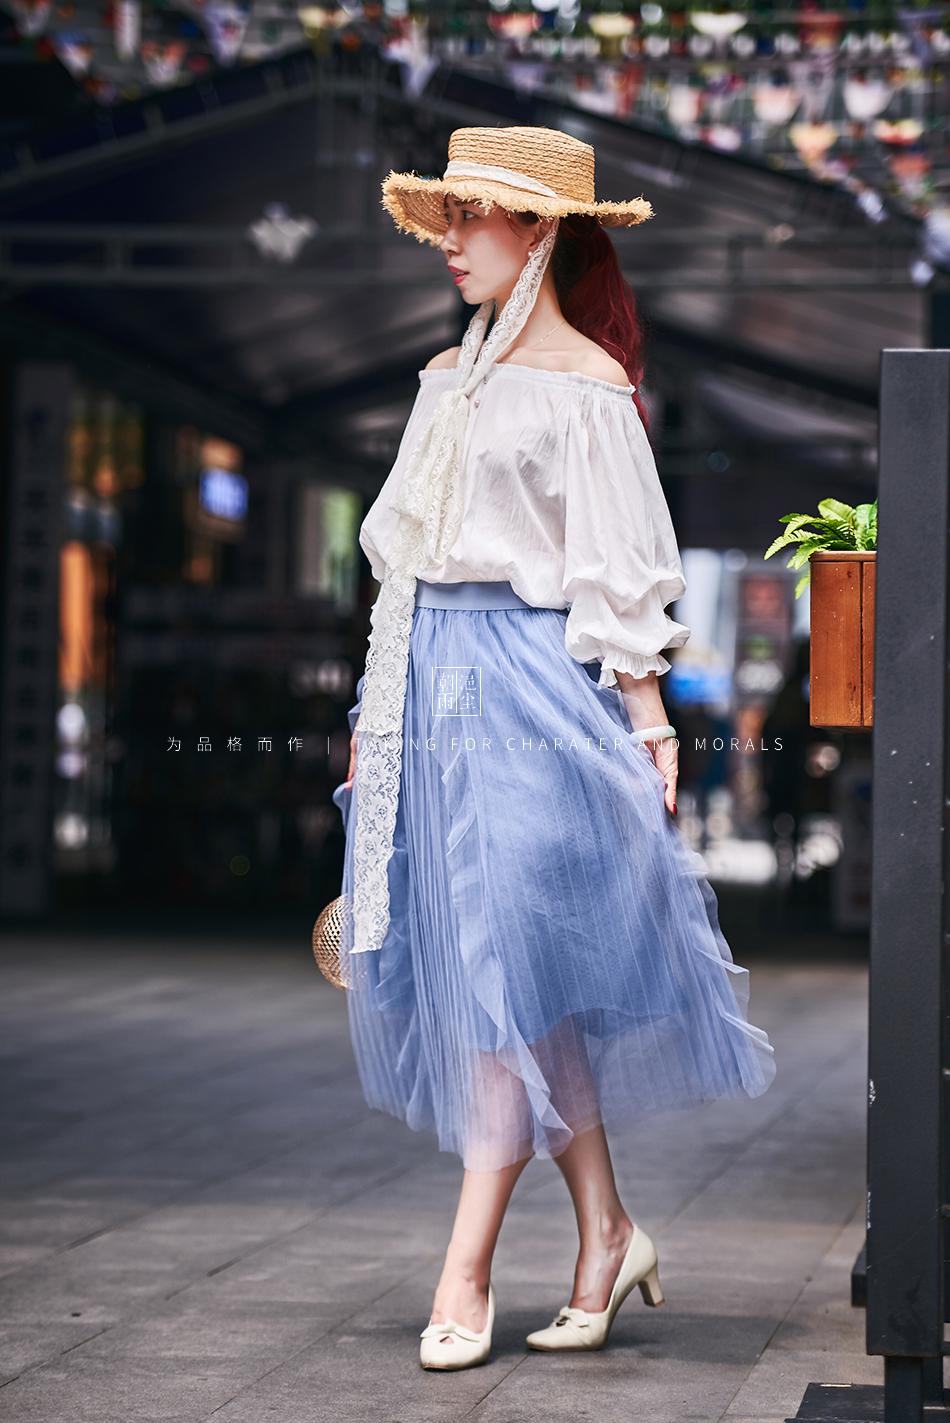 女装摄影-蓝色仙女裙套装05